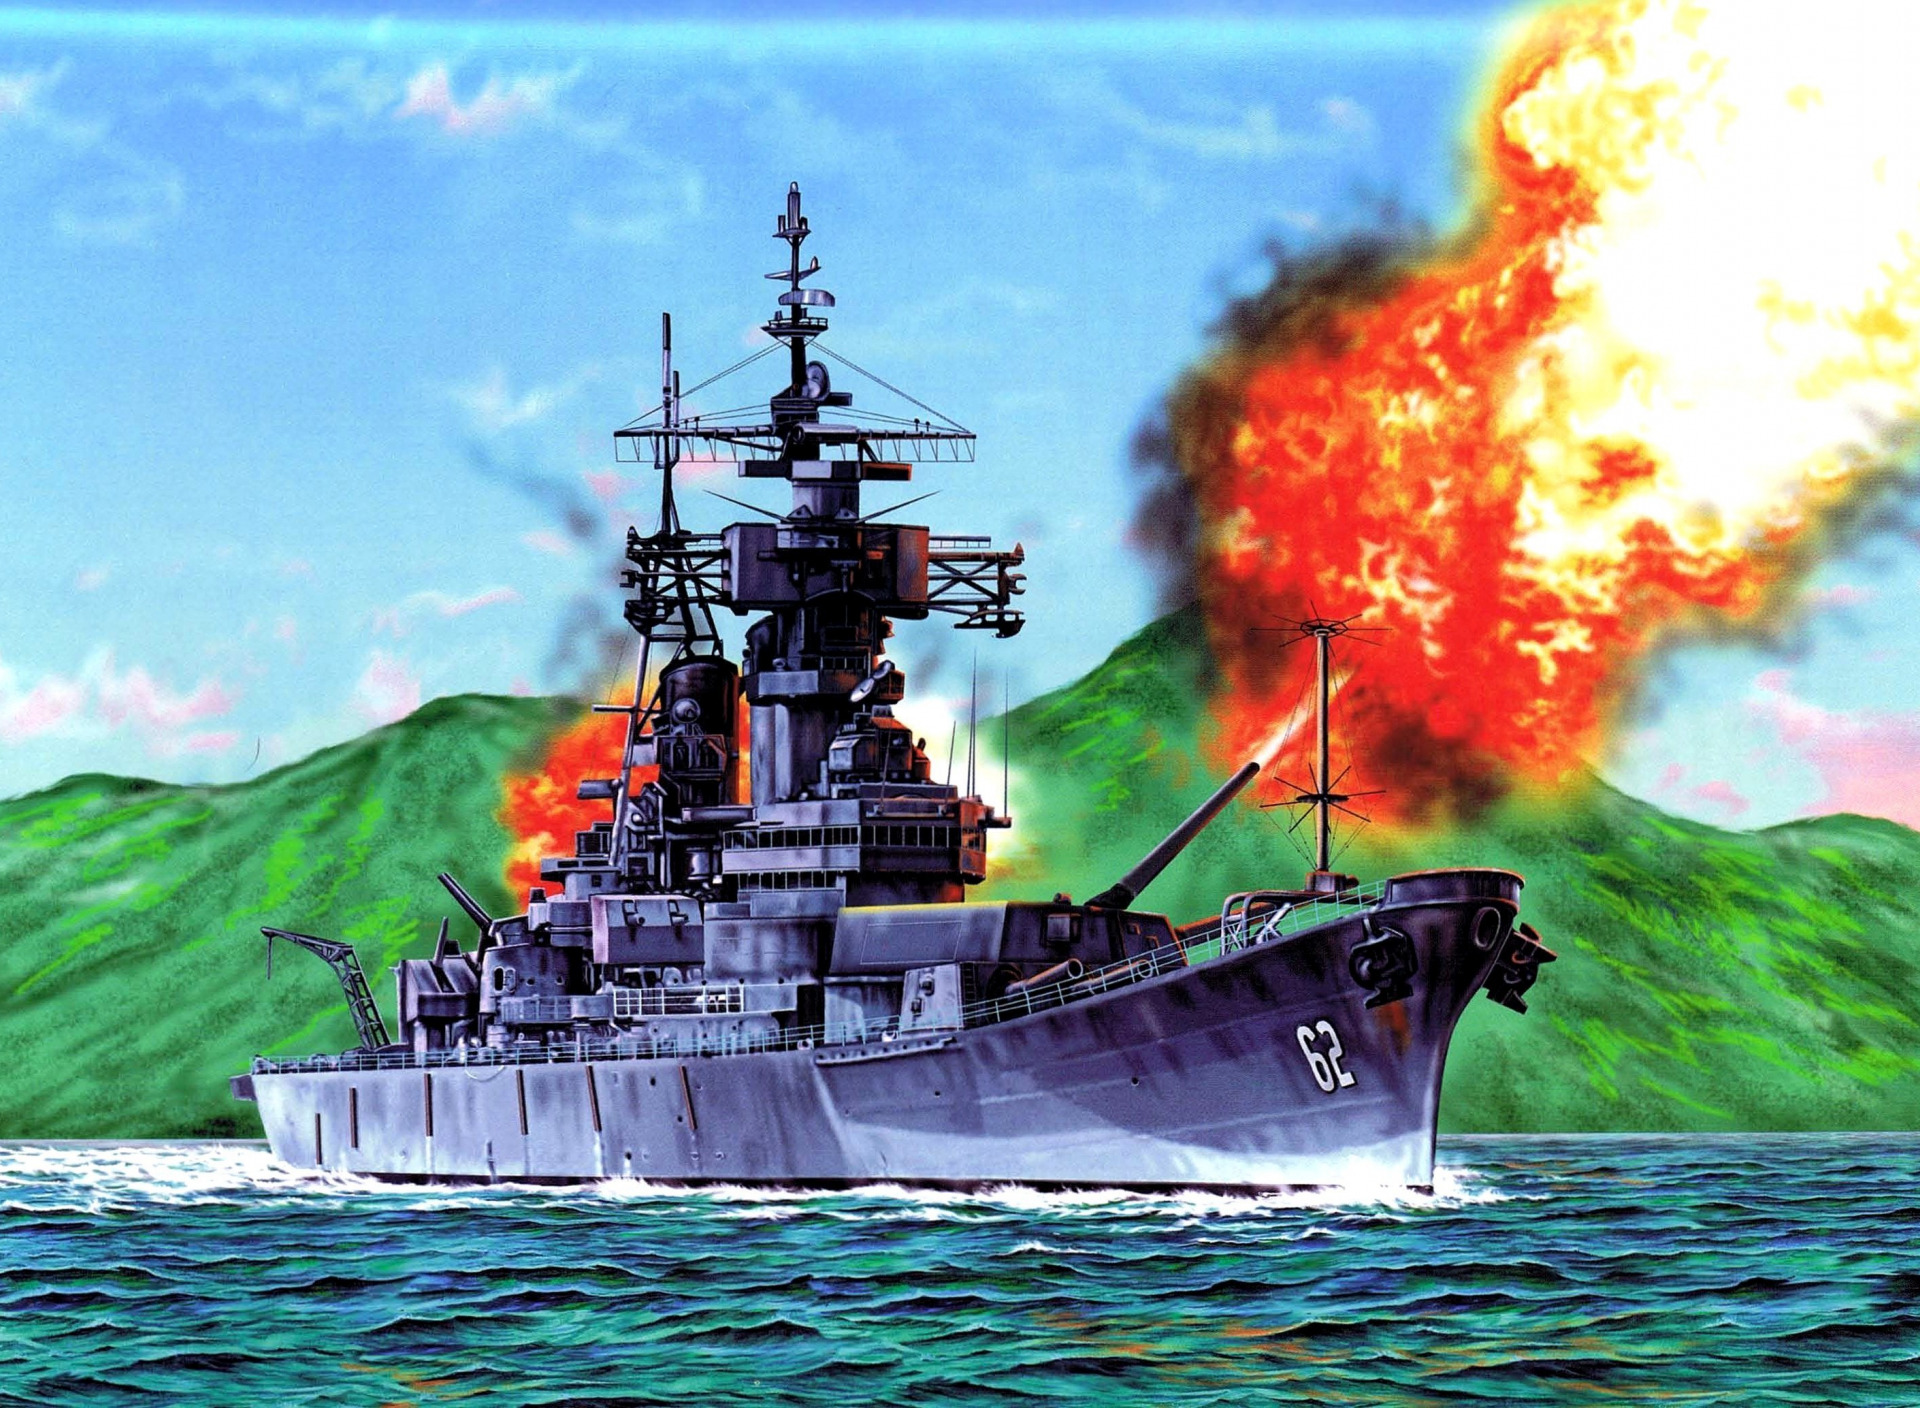 военные корабли цветные картинки другом снимке тоби